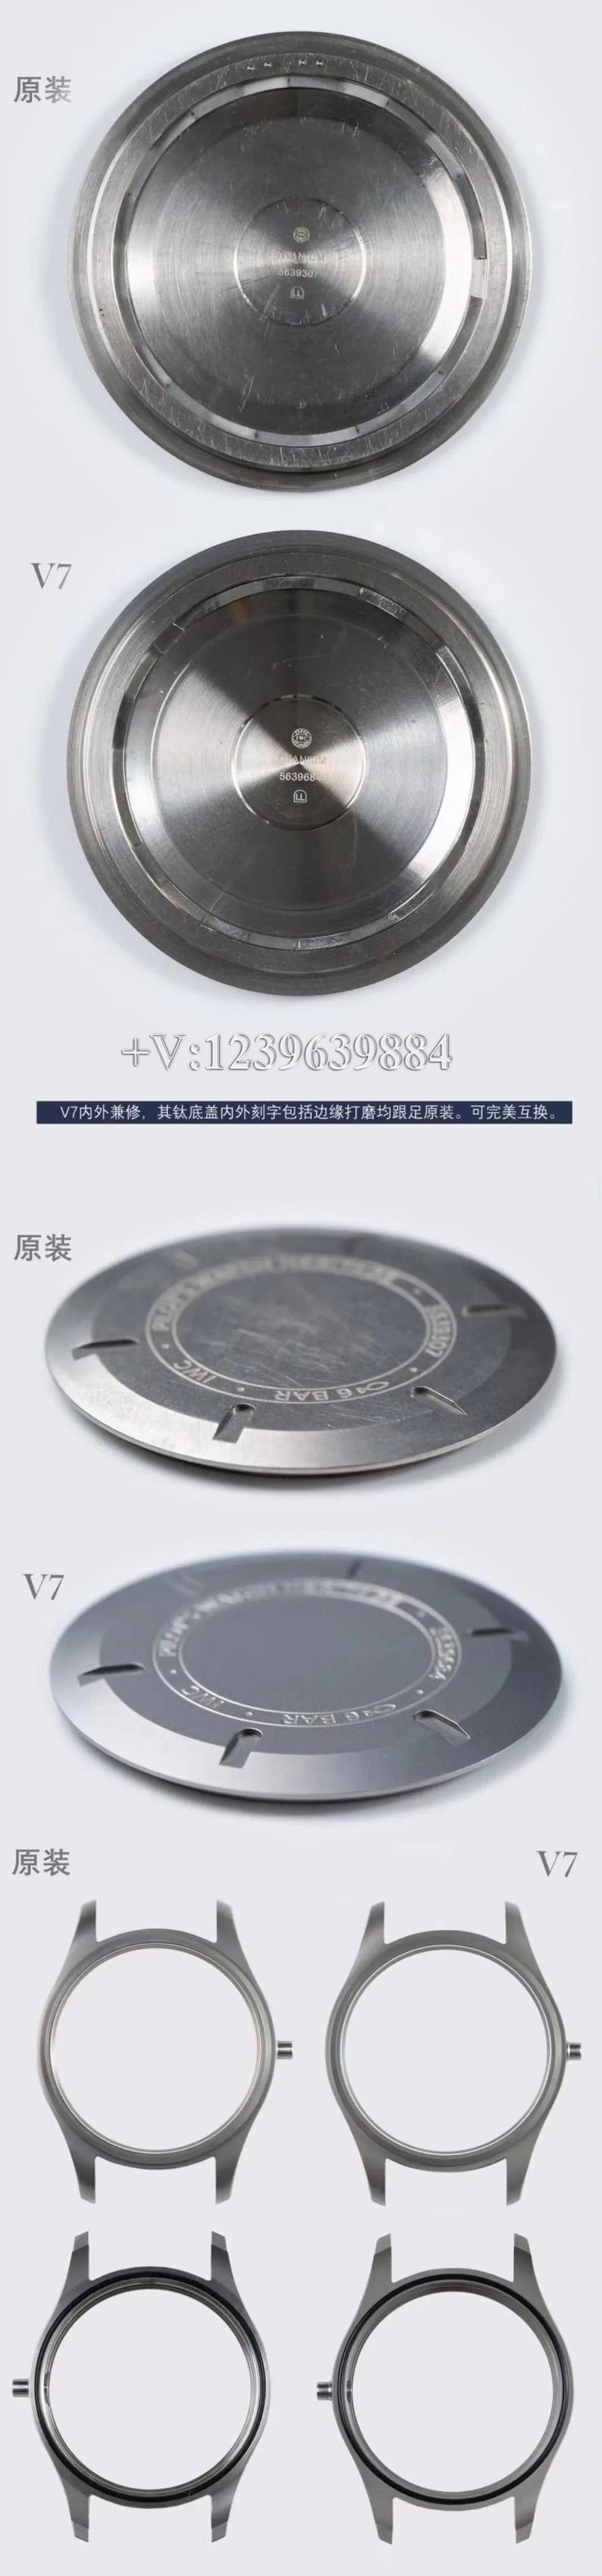 【真假对比】V7厂万国飞行员马克18钛金属,做工如何? 第10张